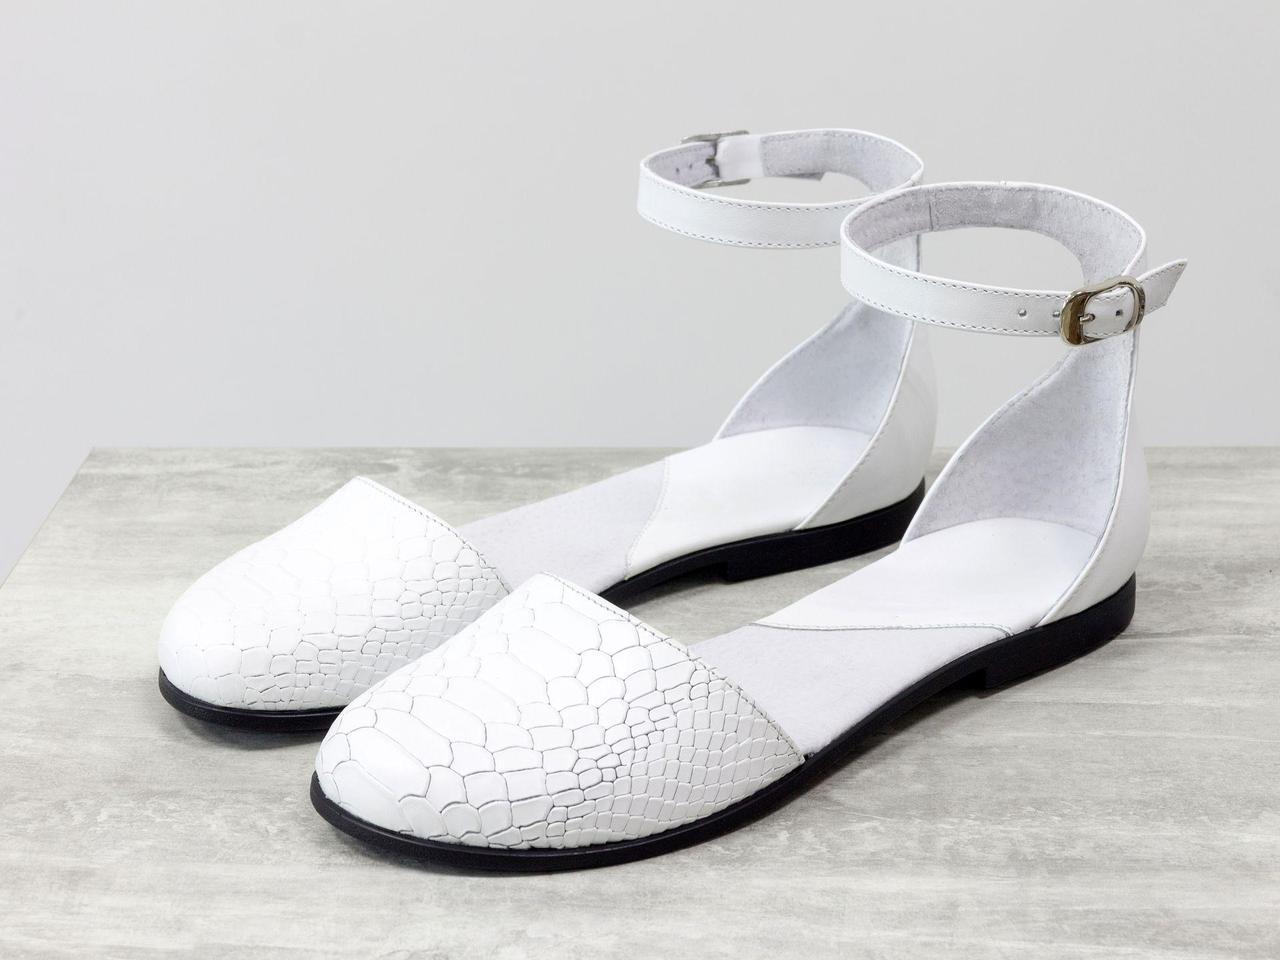 Легкие открытые туфли из натуральной кожи белого цвета с текстурой питон и гладкой кожи, на низком ходу, Летняя коллекция от Джино Фиджини, С-1929-02